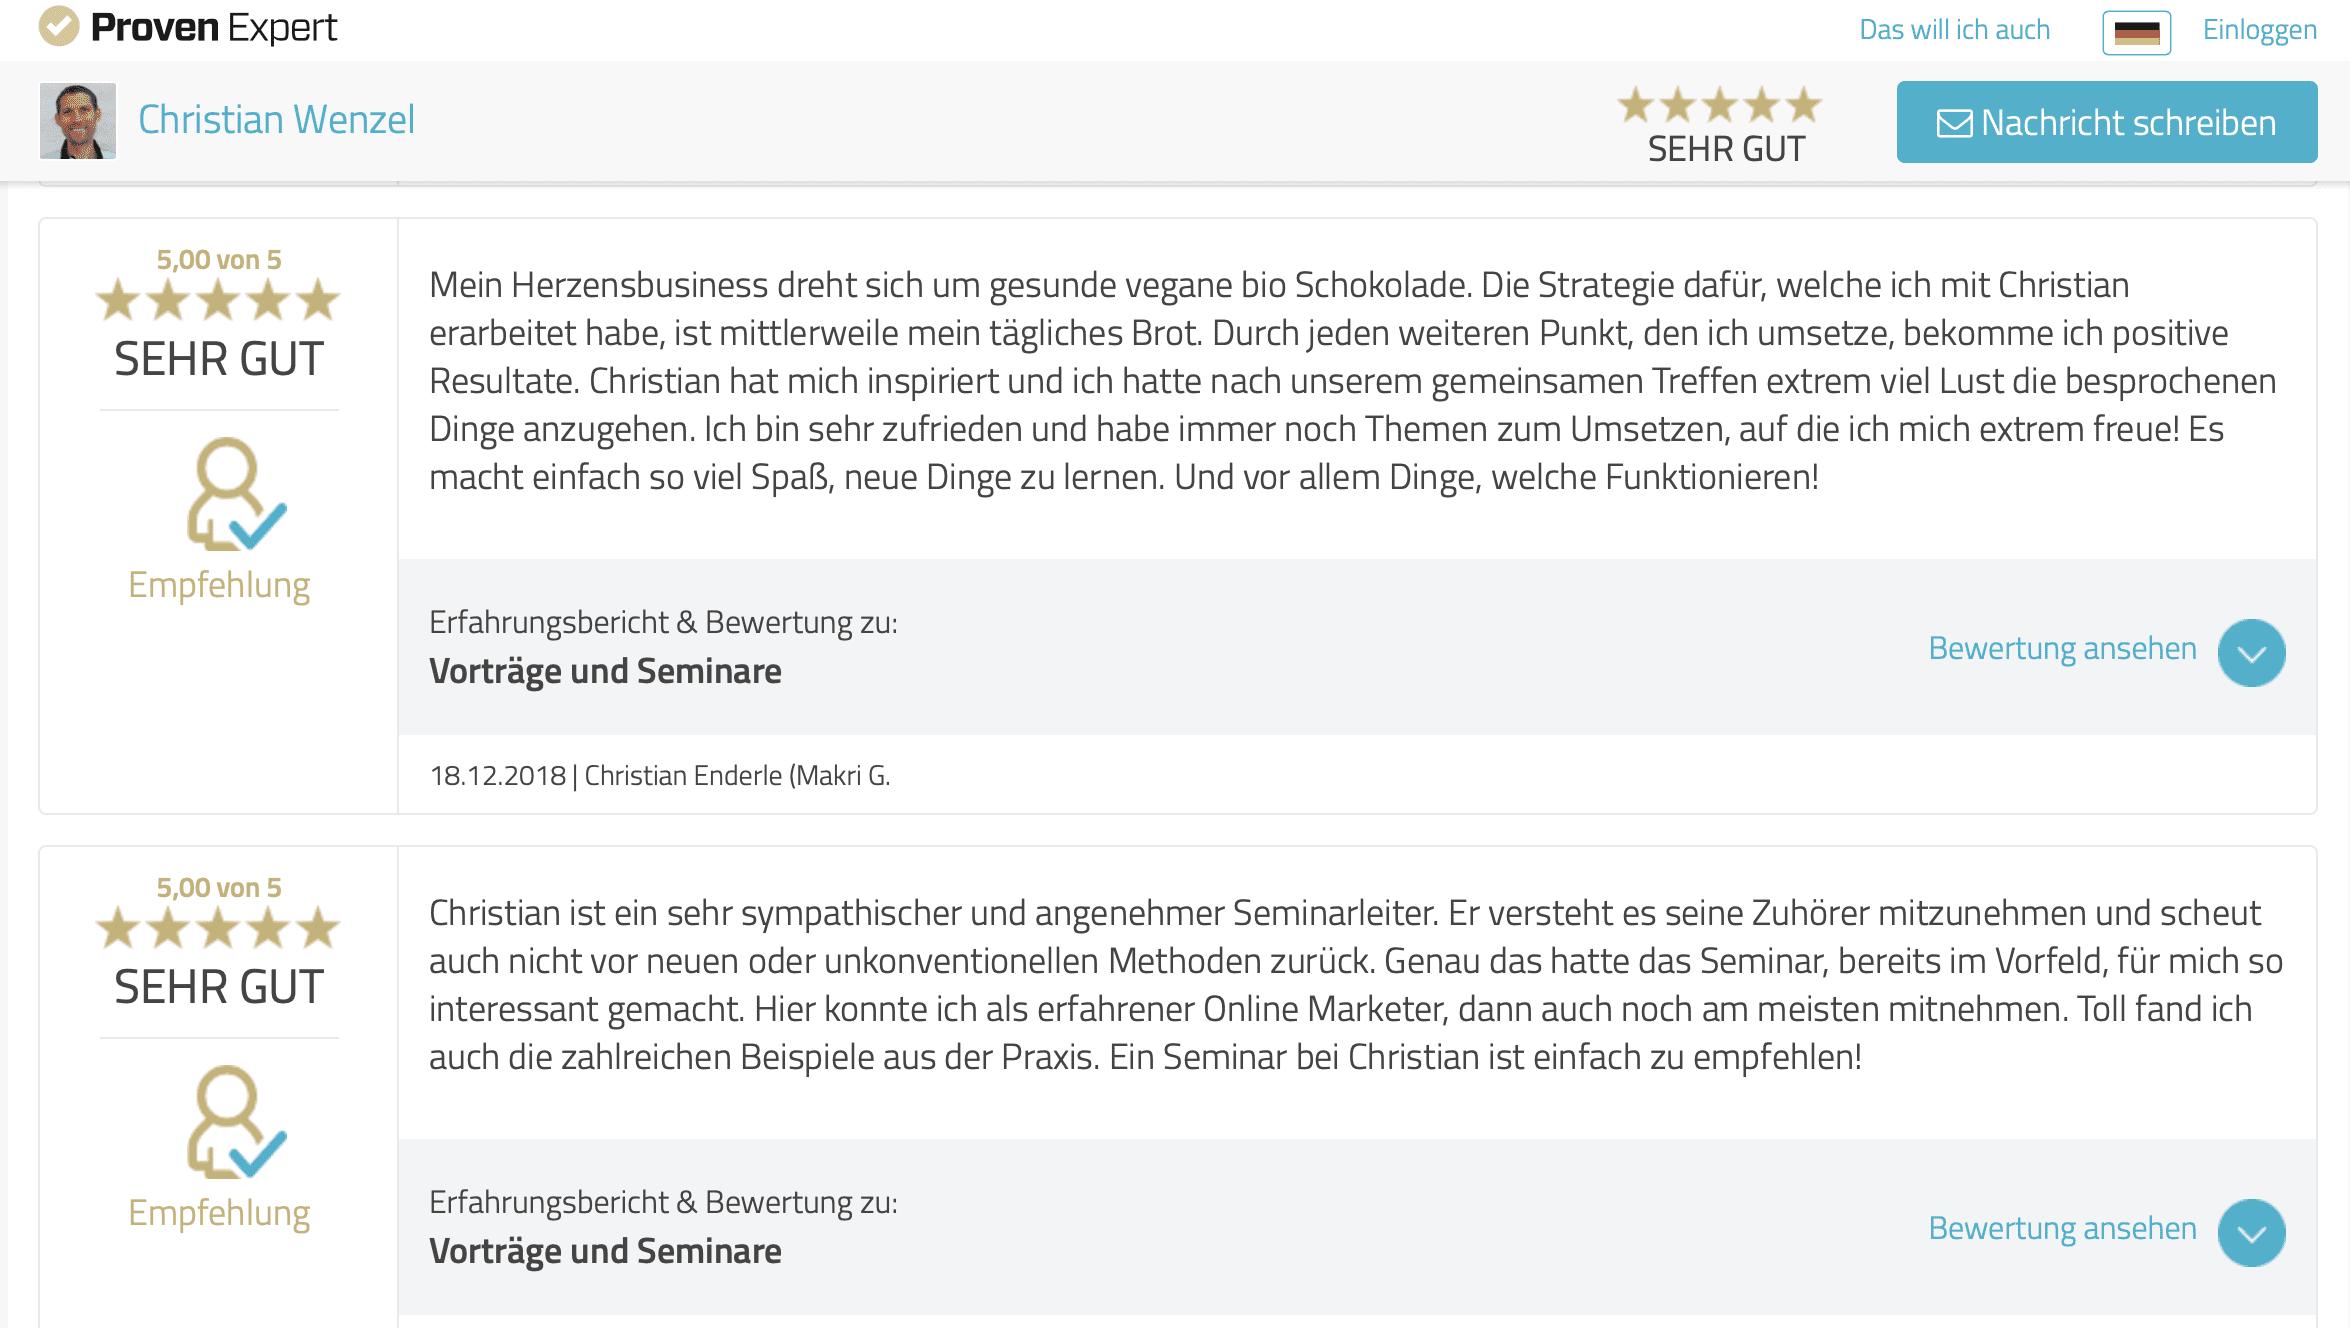 Christian-Wenzel-Bewertung2-ProvenExpert